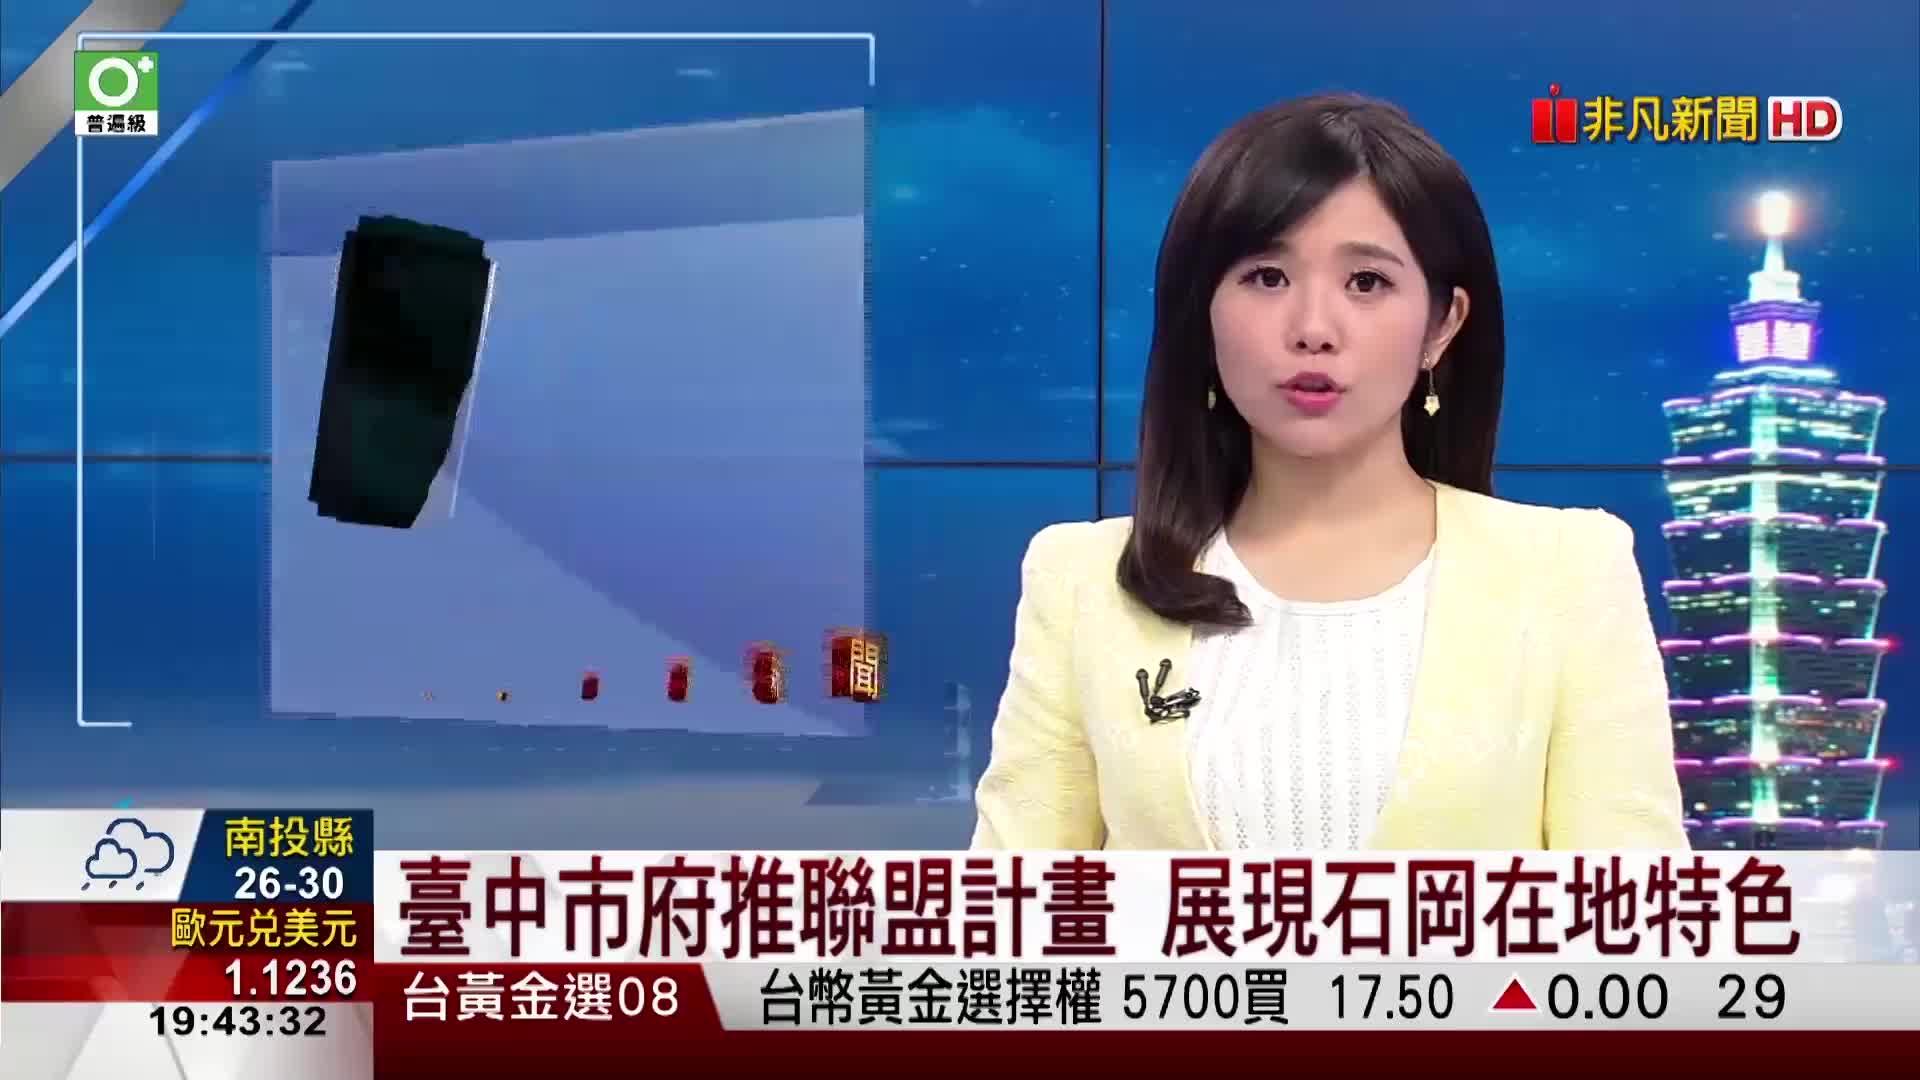 臺中市府推聯盟計畫 展現石岡在地特色